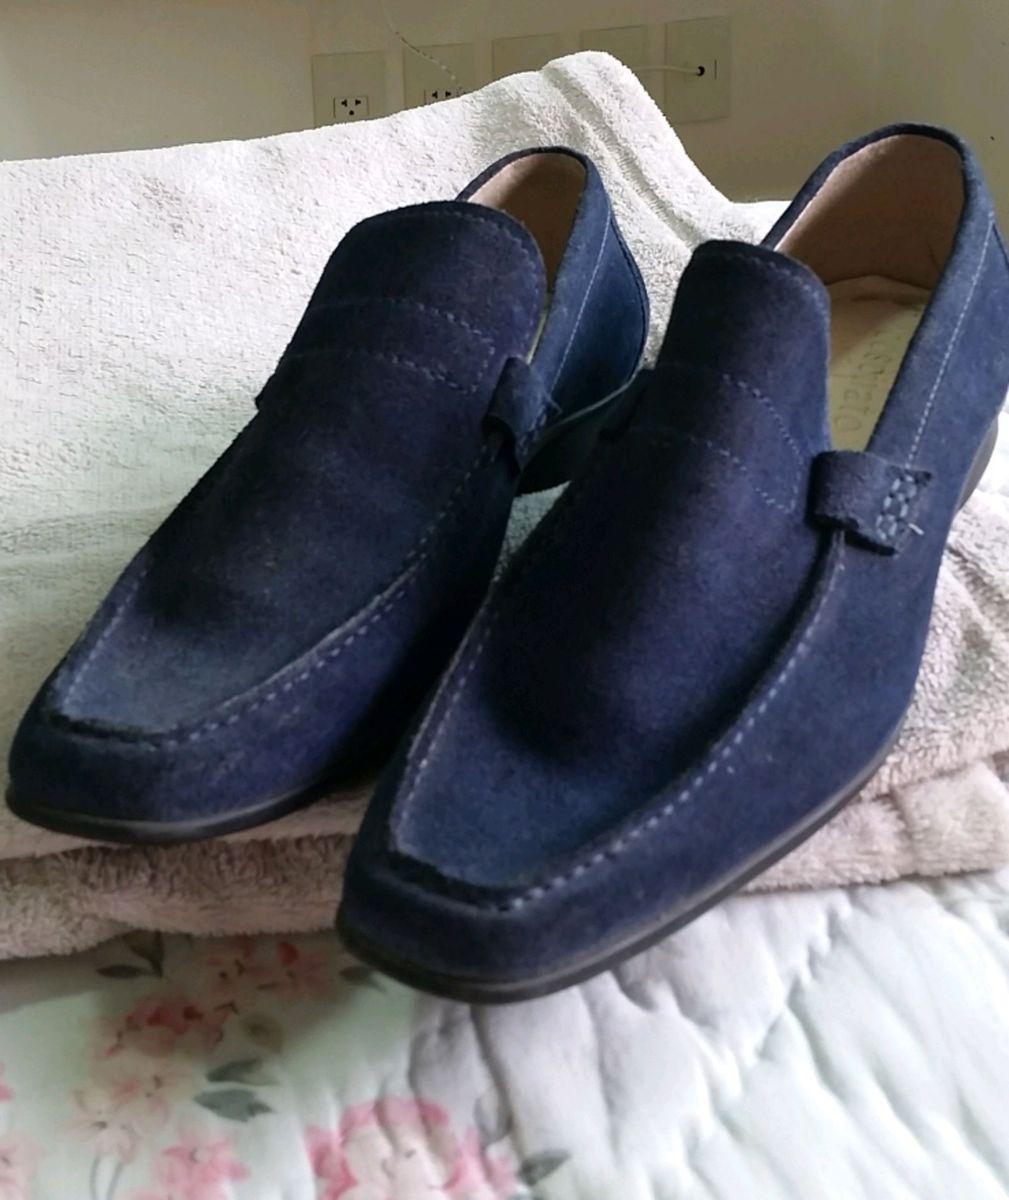 3cc2c7692 lindooo! puro charme! - sapatos cospirato.  Czm6ly9wag90b3muzw5qb2vplmnvbs5ici9wcm9kdwn0cy85nze5odkvyjflztjhy2ezzjbmnzfjngu1zwe3mwy3otu2ymvkyjuuanbn